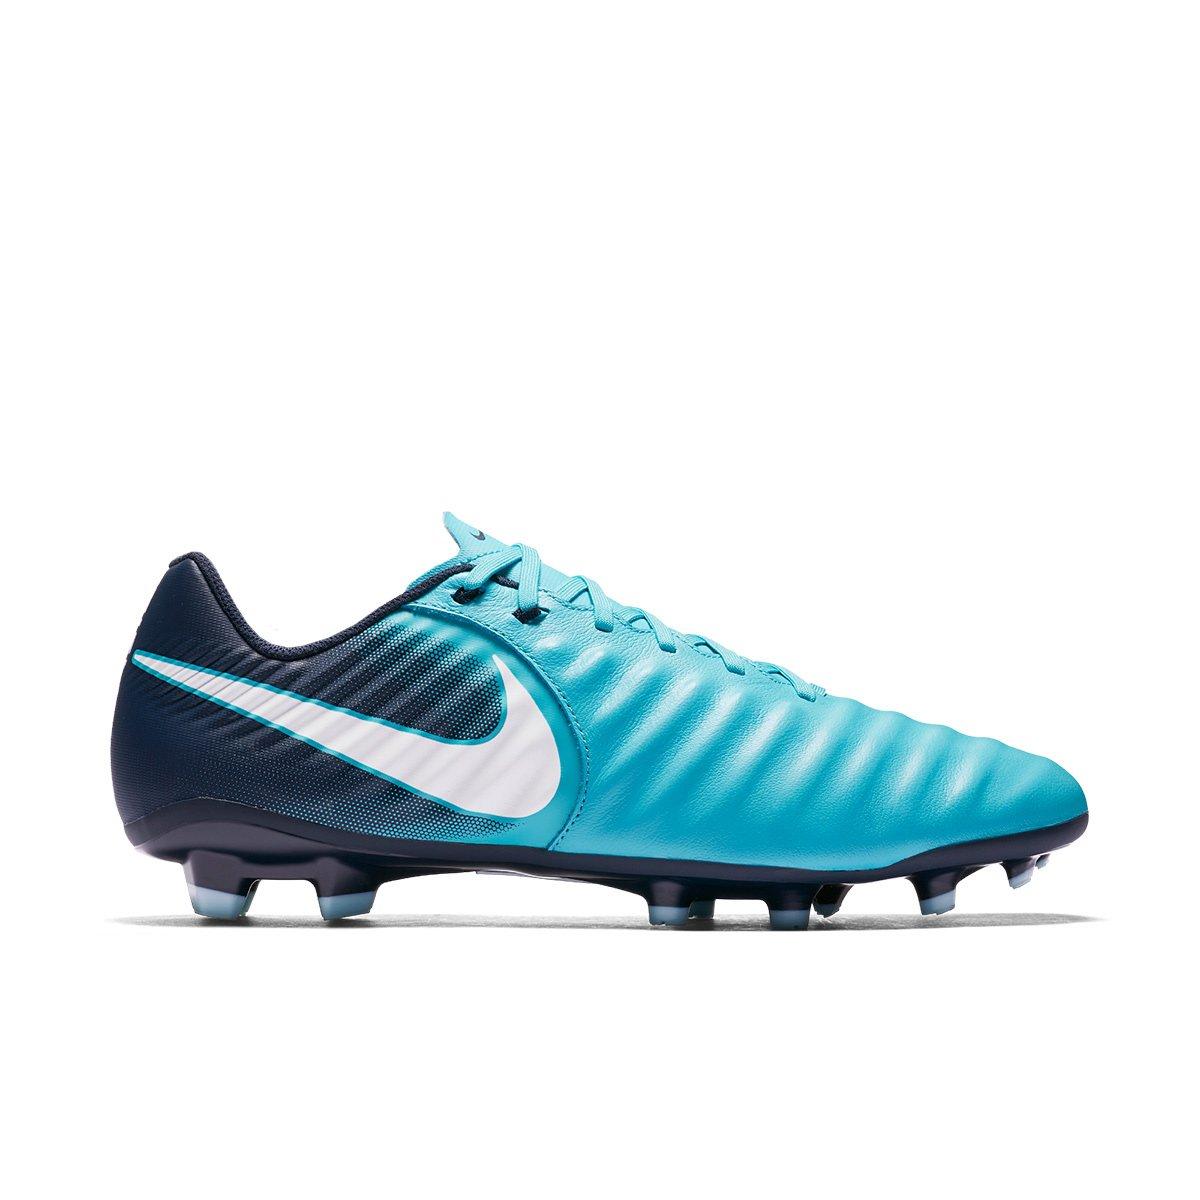 Chuteira Campo Nike Tiempo Ligera IV FG 897744-414 - Marinho Azul ... c8a6d161990b0